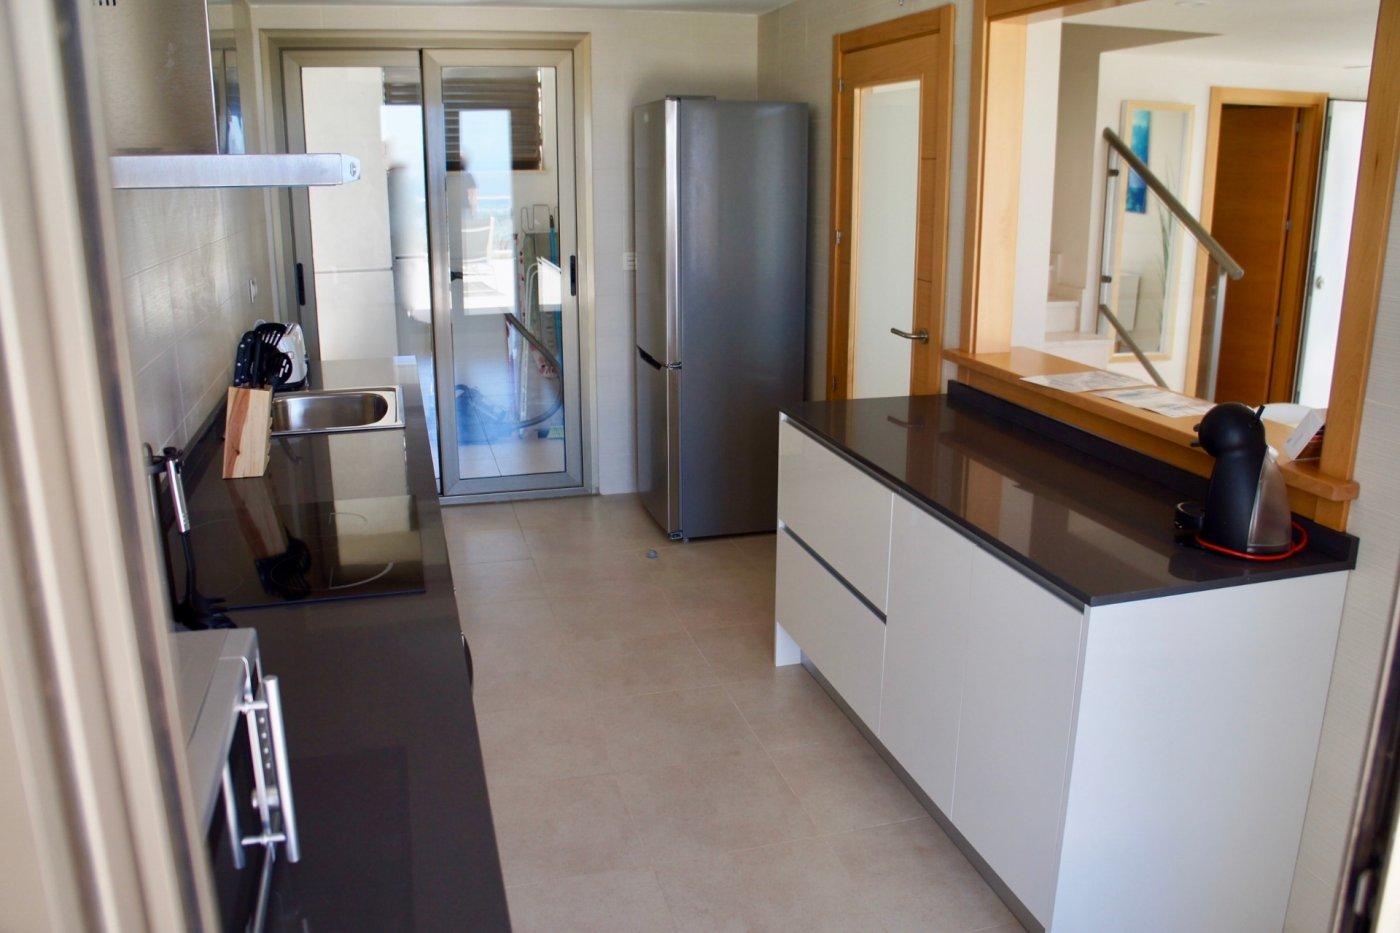 Imagen de la galería 8 of Gran apartamento orientado al sur de 3 dormitorios y 2 baños con preciosas vistas y 75 m2 de teraza